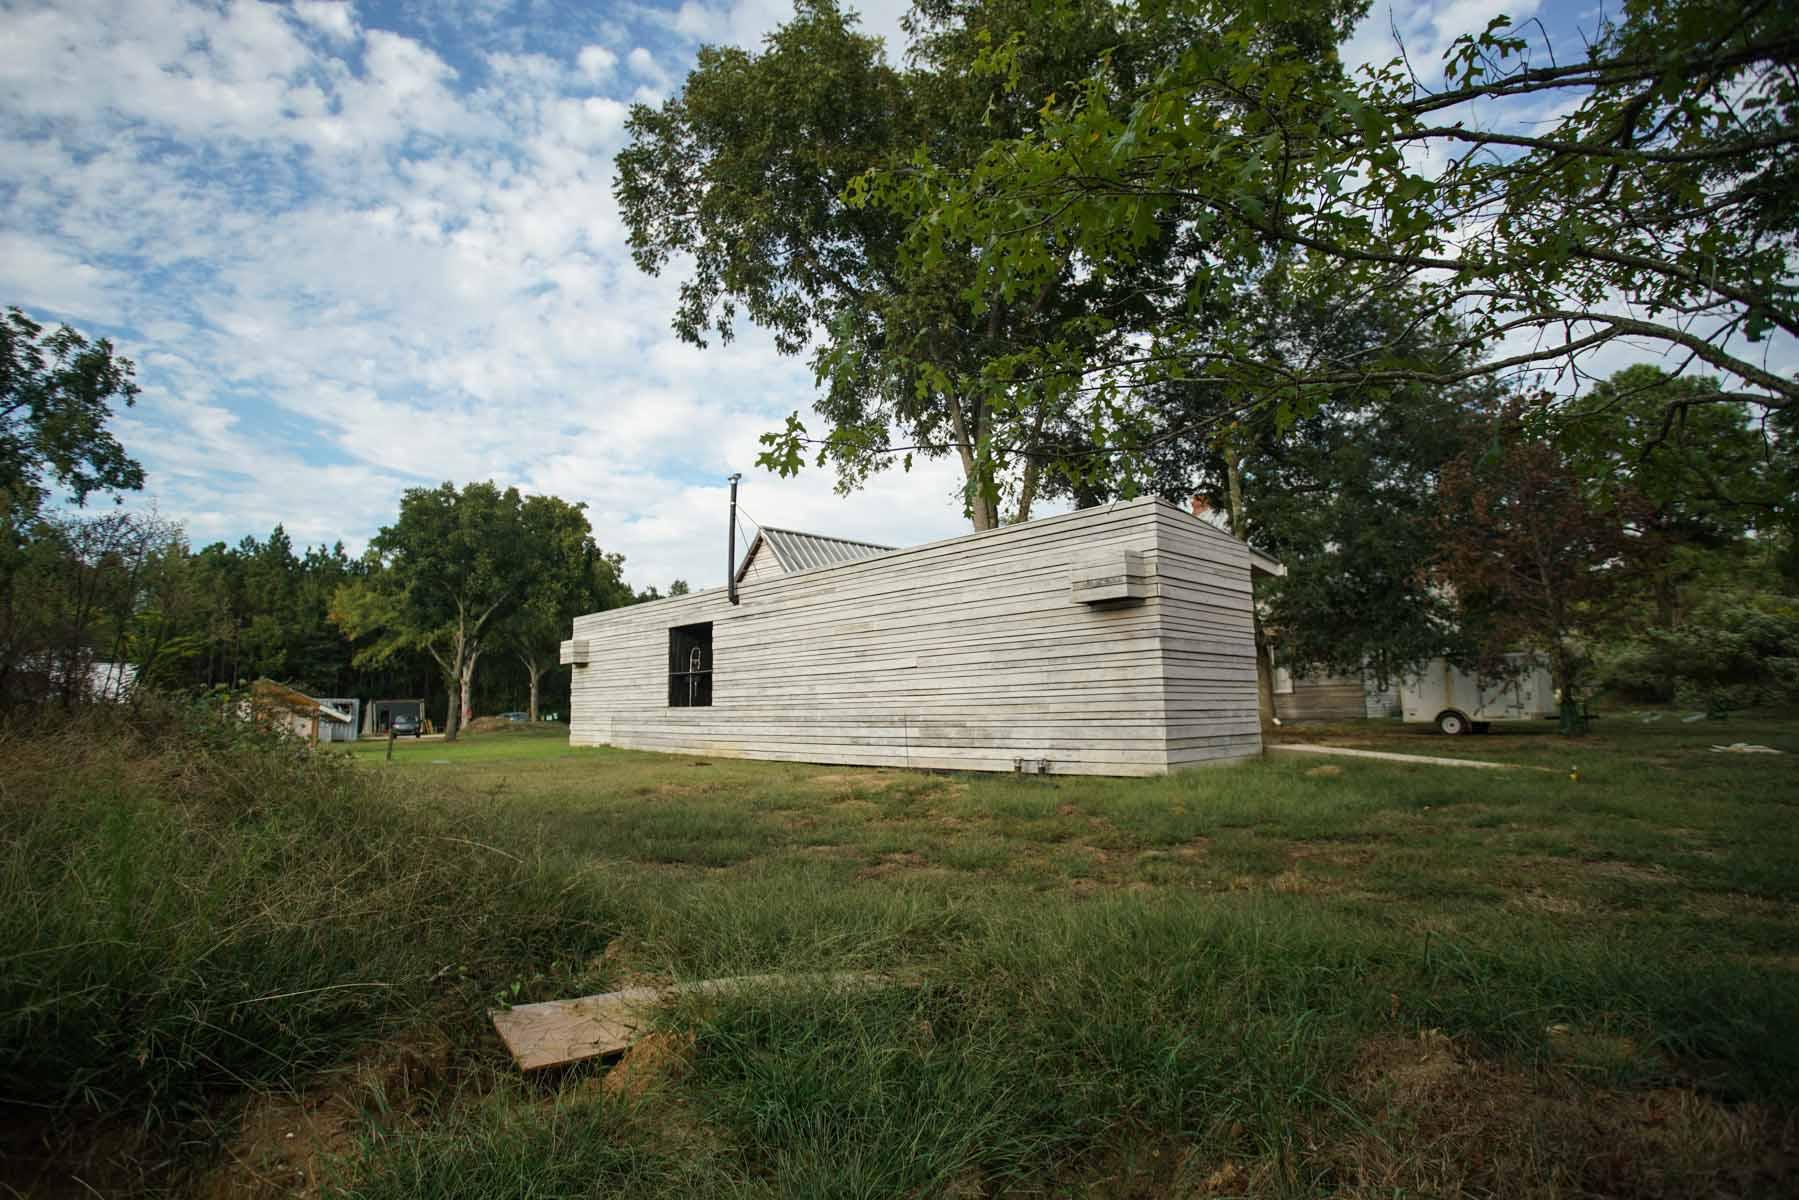 RA_rural studio_morrisette house and grounds-07046.jpg